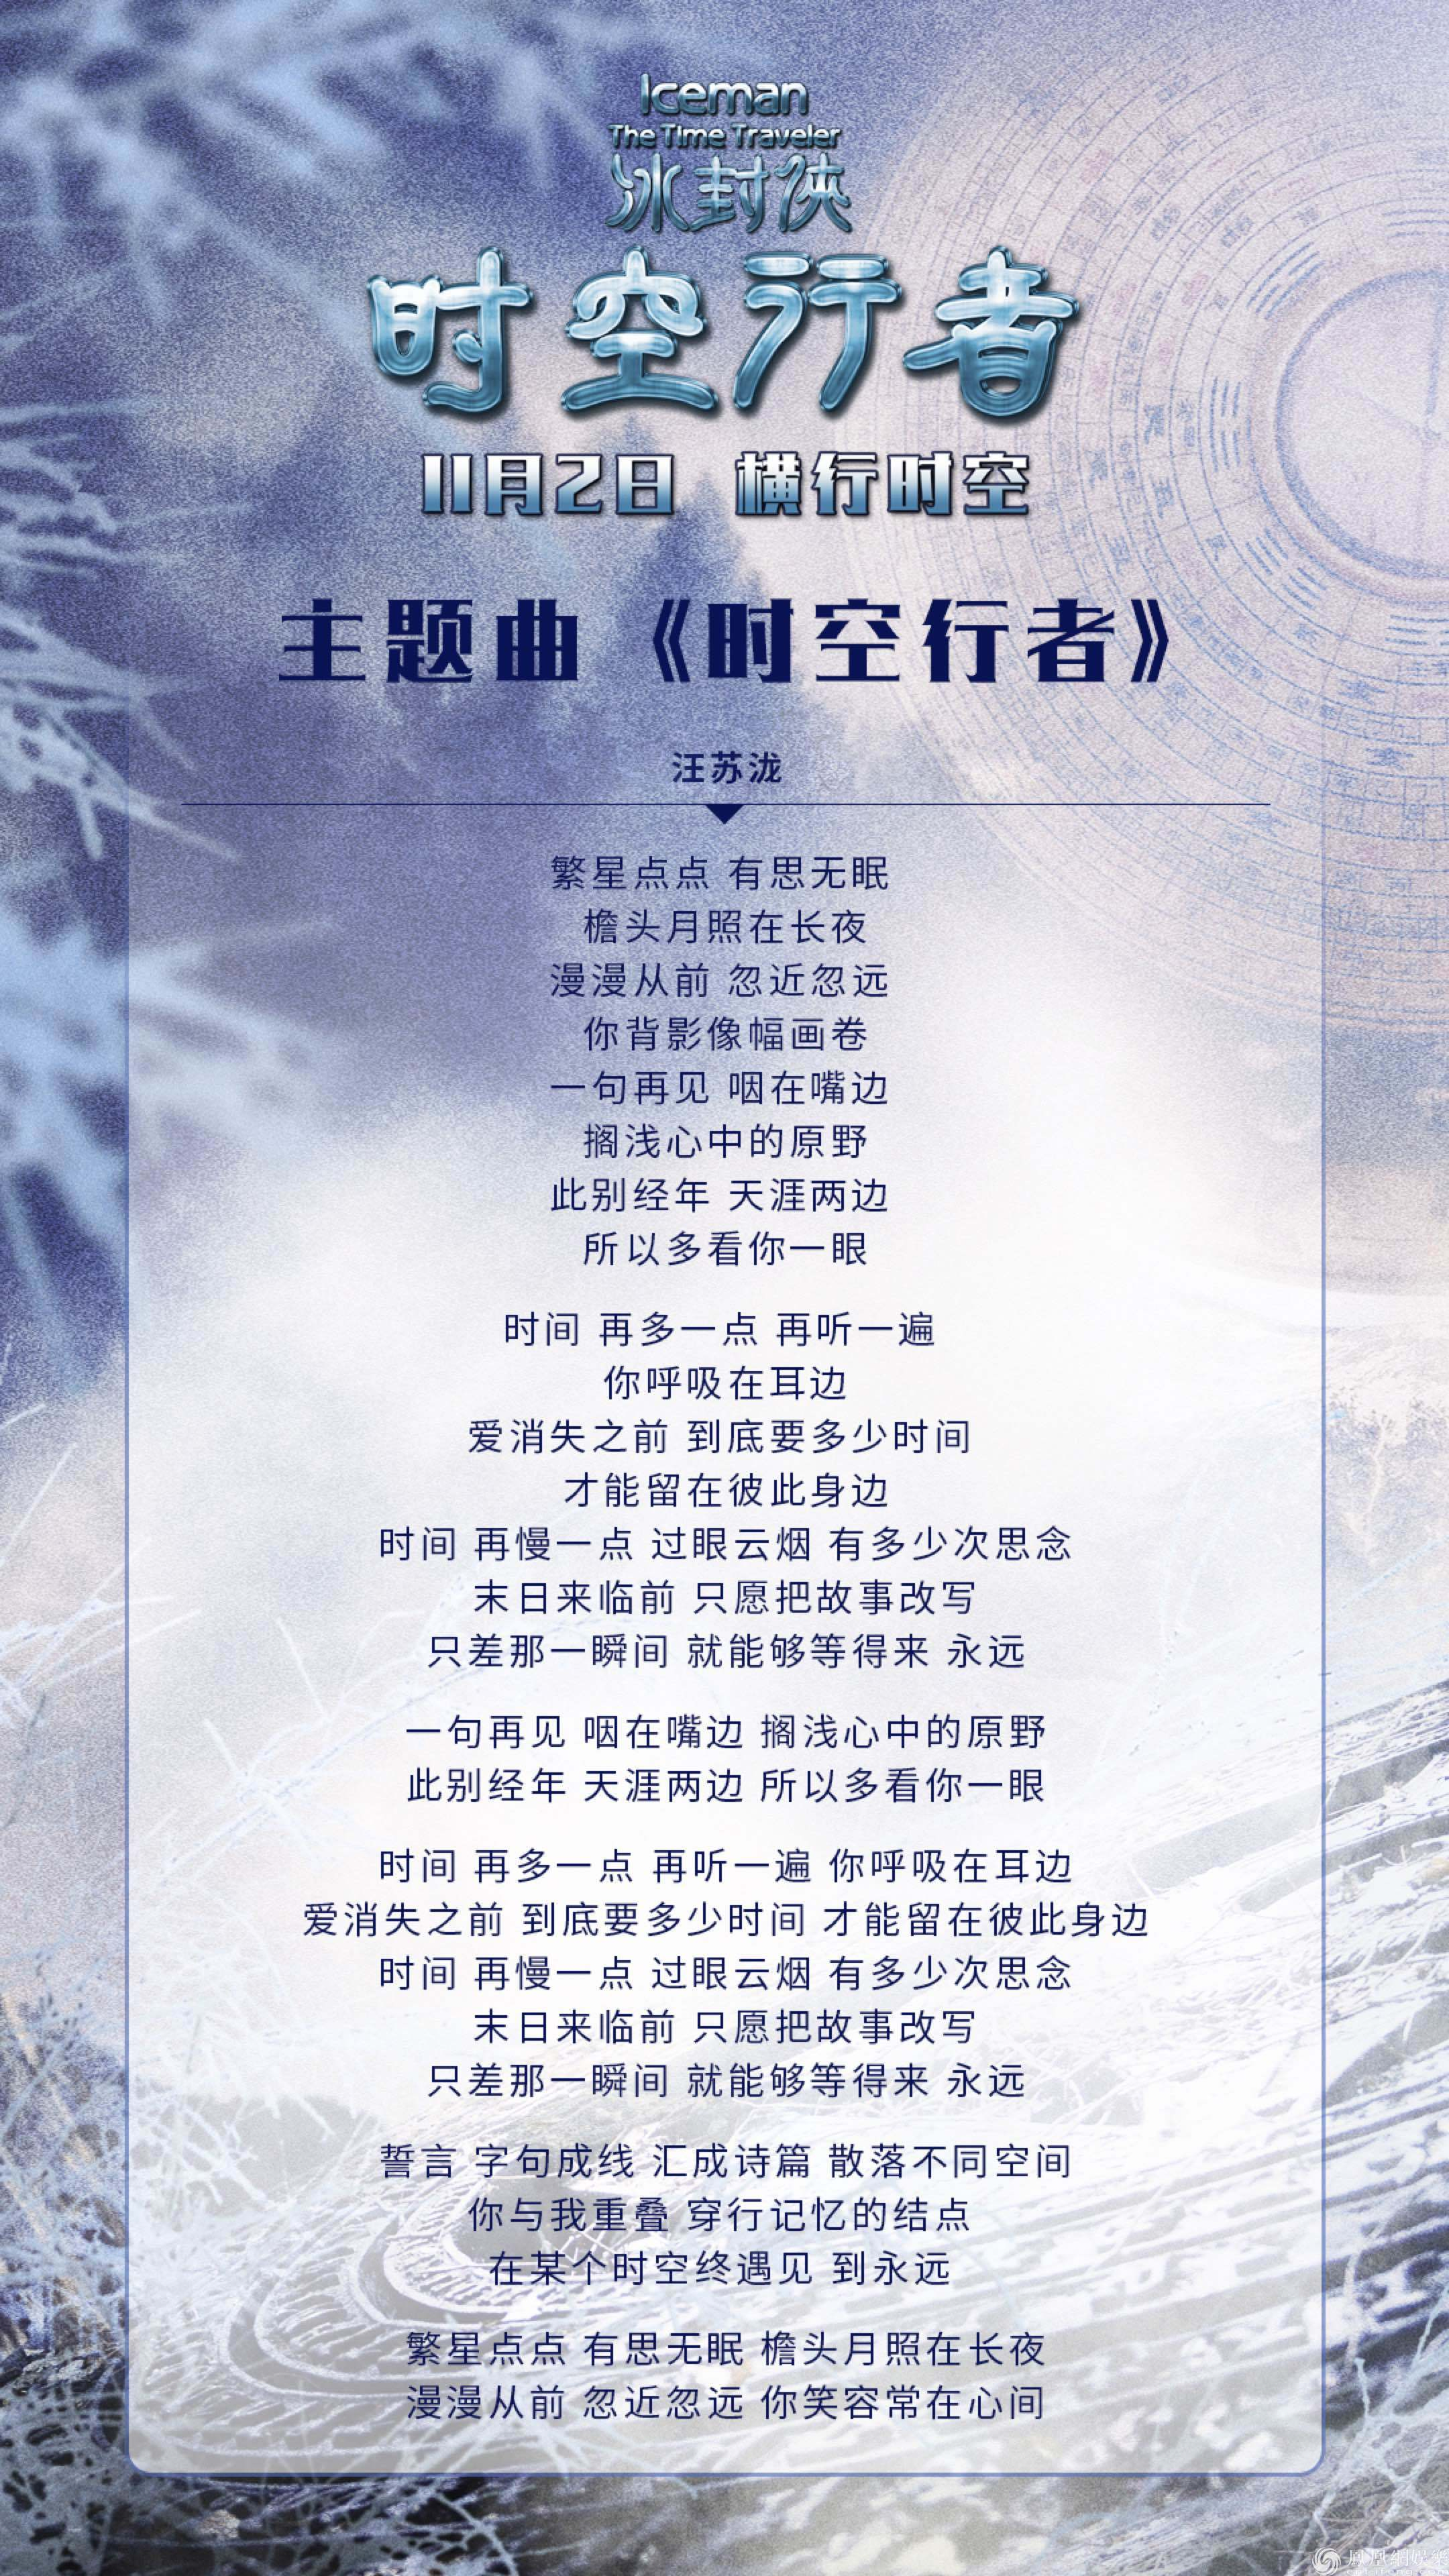 《时空行者》发布电影主题曲 汪苏泷跨刀助阵时空之战